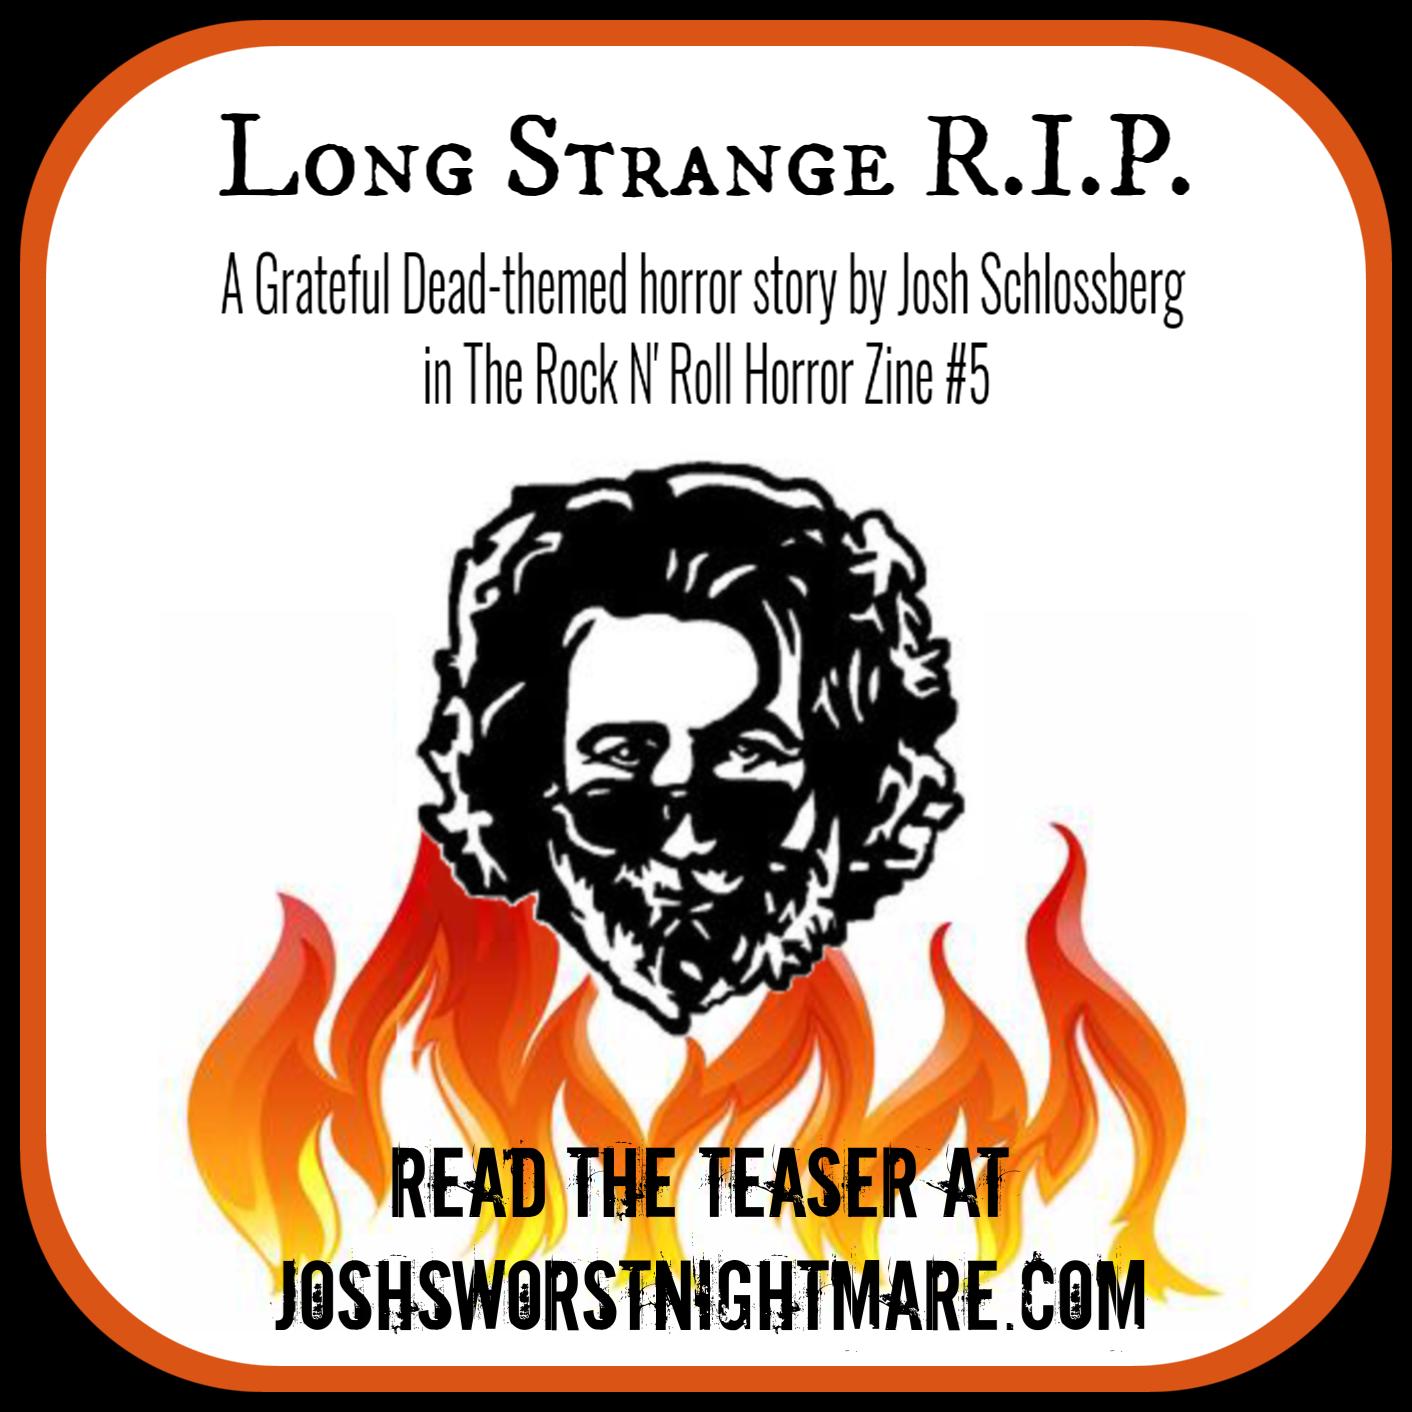 Long Strange R.I.P.